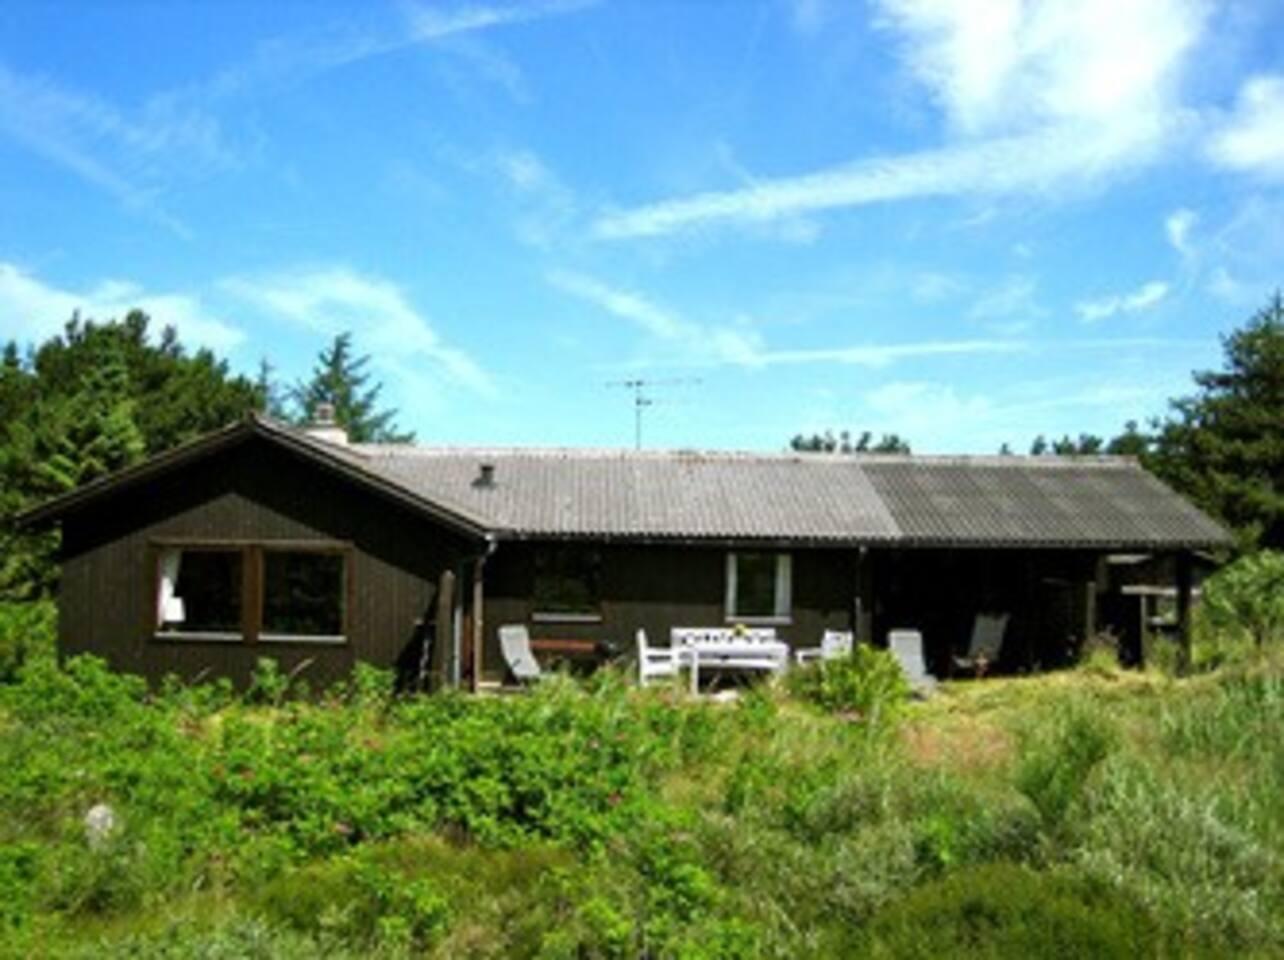 Slettestrand: Near Svinkløv: